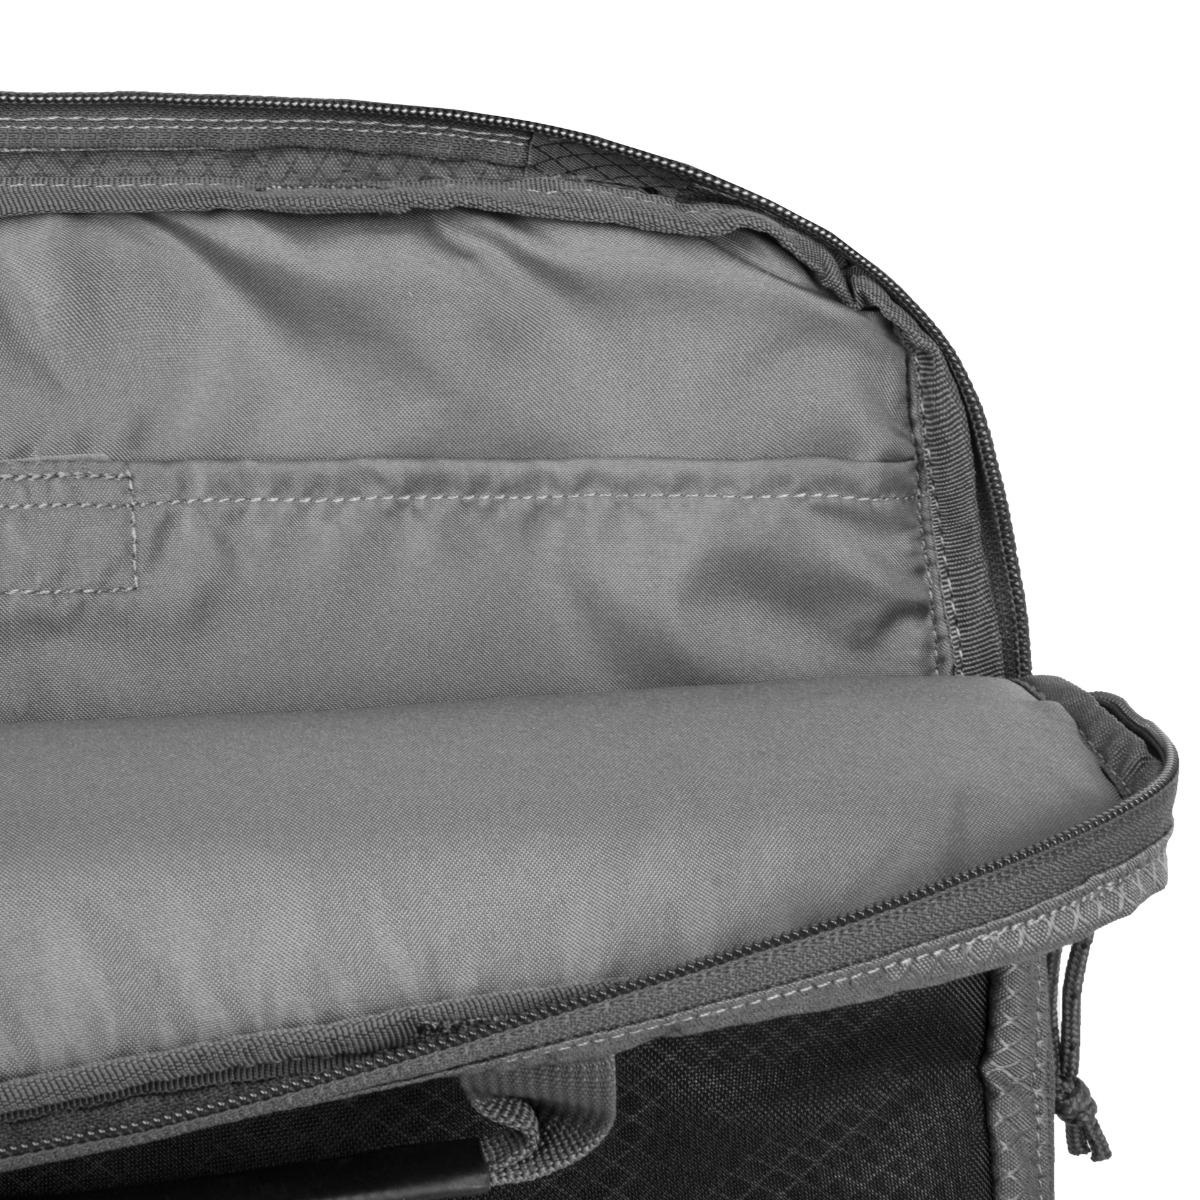 Burton Hyperlink 13 In Faded Diamond Rip Praktický obal na laptop s organizérom a možnosťou nosenia cez rameno.  - vrecko s vypchávkou na 13